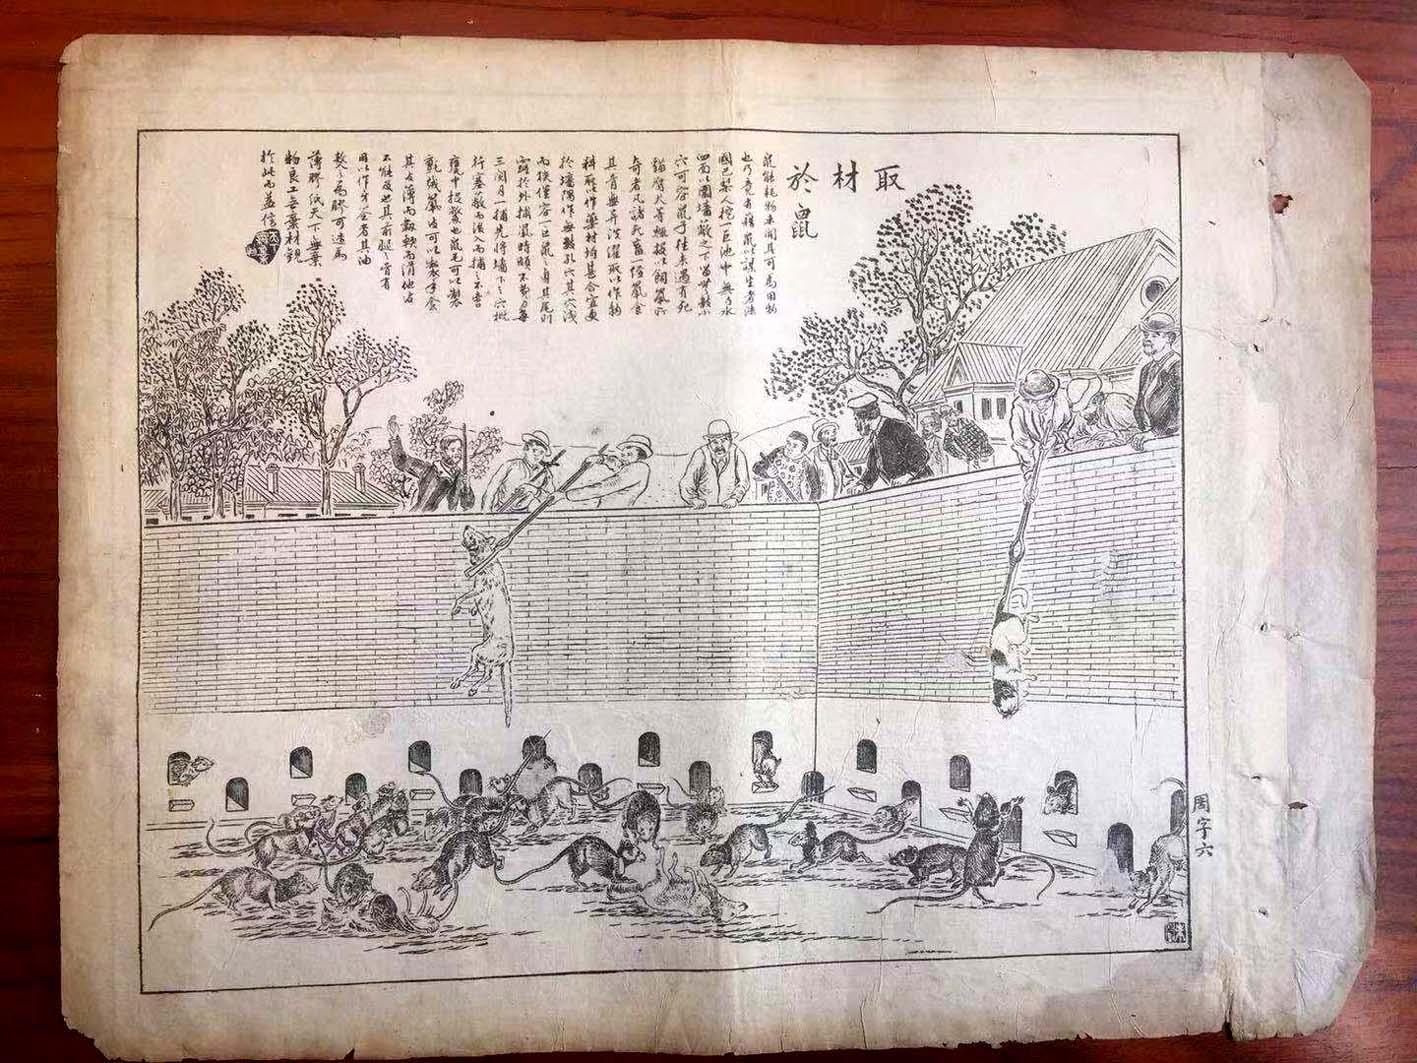 扬州藏家淘到光绪年间出版的《取材于鼠》石印画页